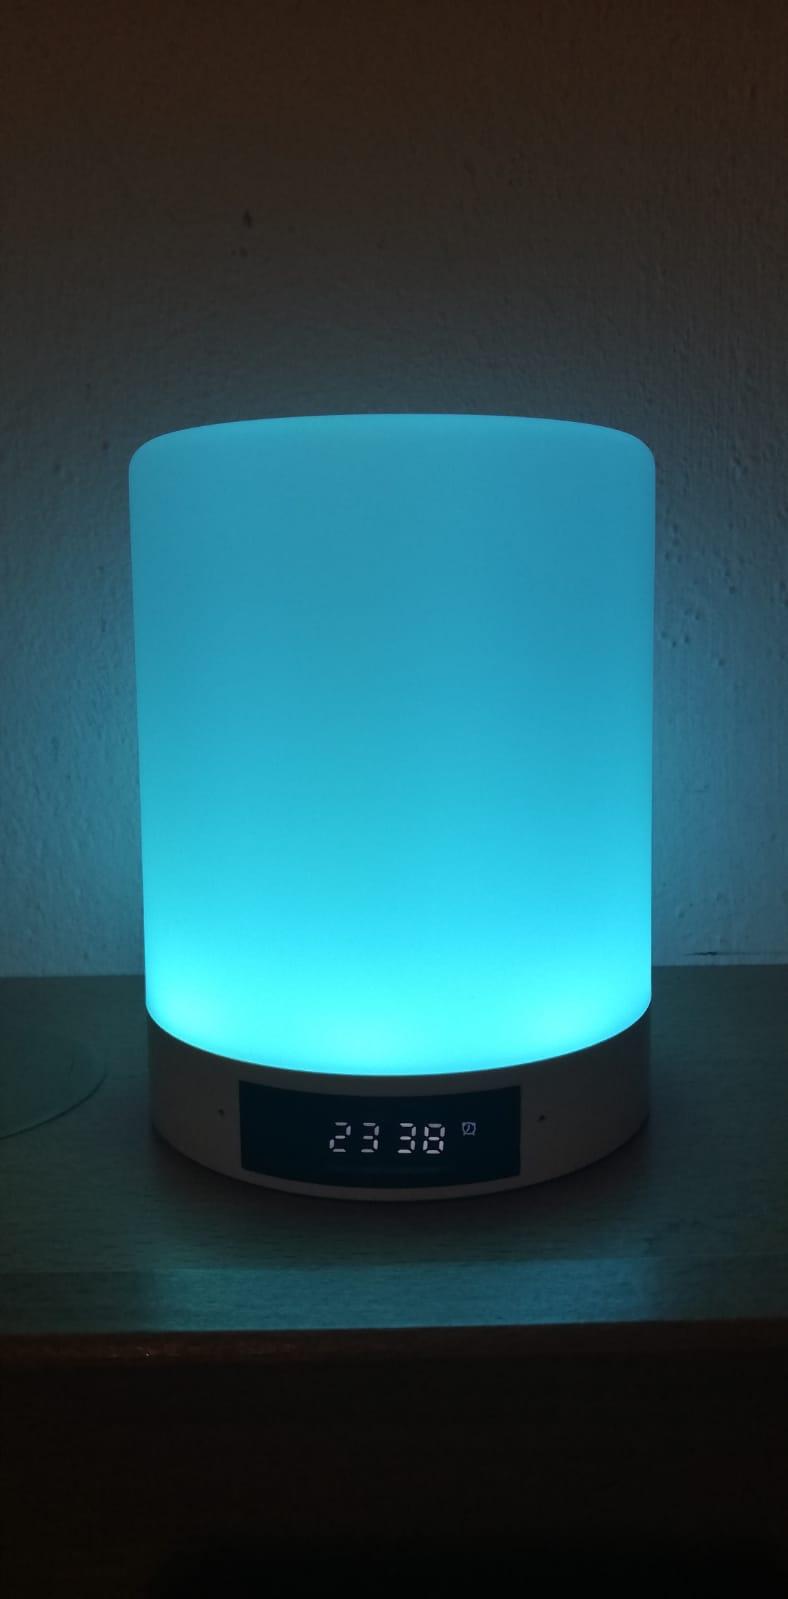 Super Lampe/Lautsprecher für alle Fälle!